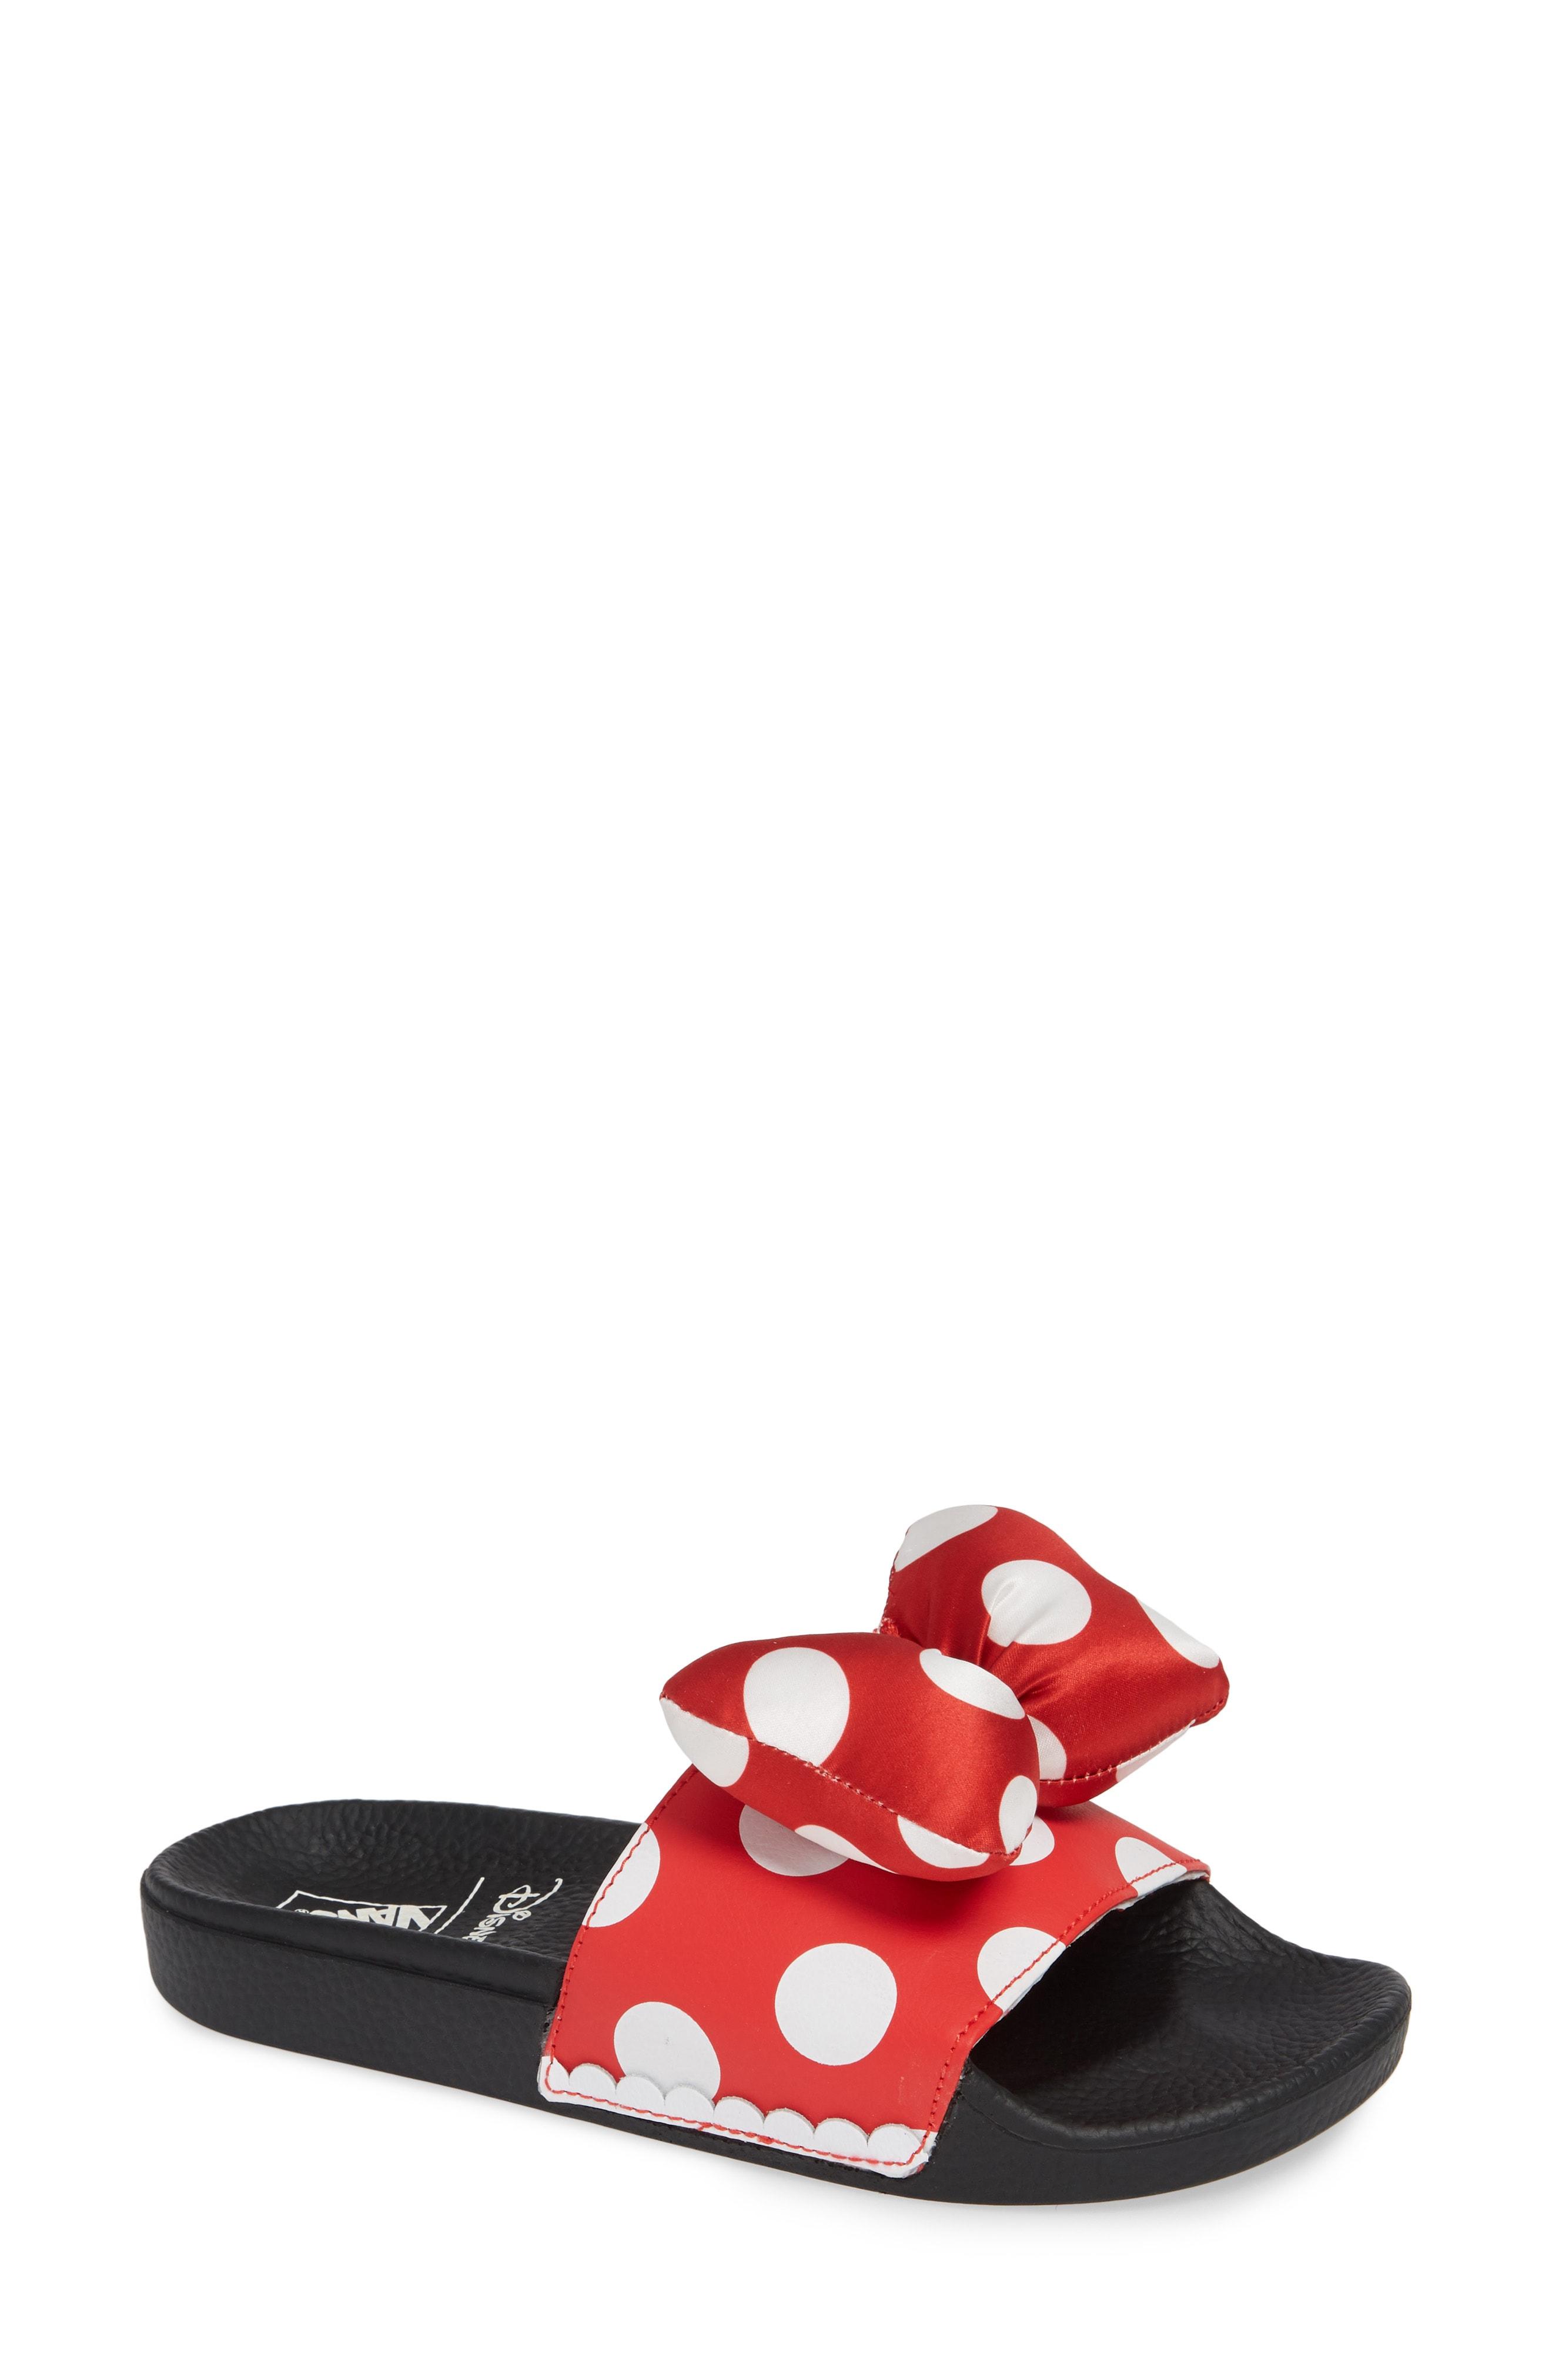 Vans x Disney Minnie Mouse Slide Sandal (Women)